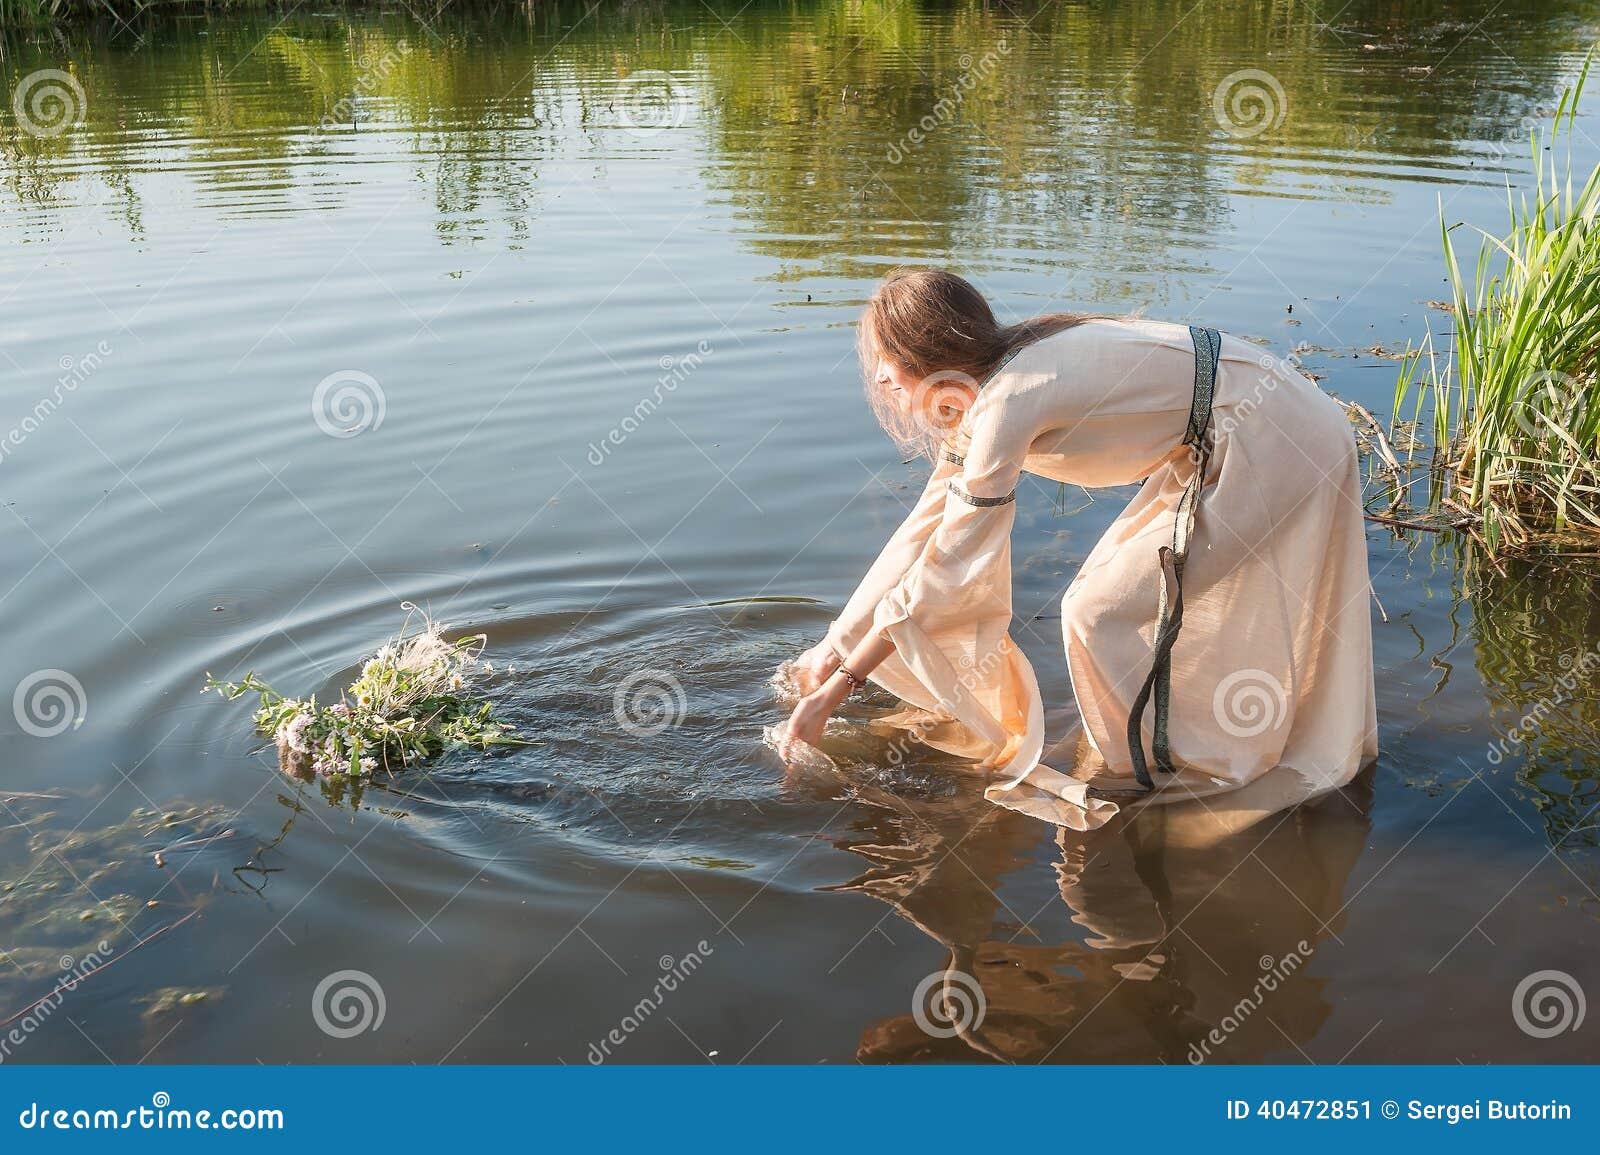 Рассказ секс в реке, Порно рассказы: Лето у реки - Первый секс 22 фотография